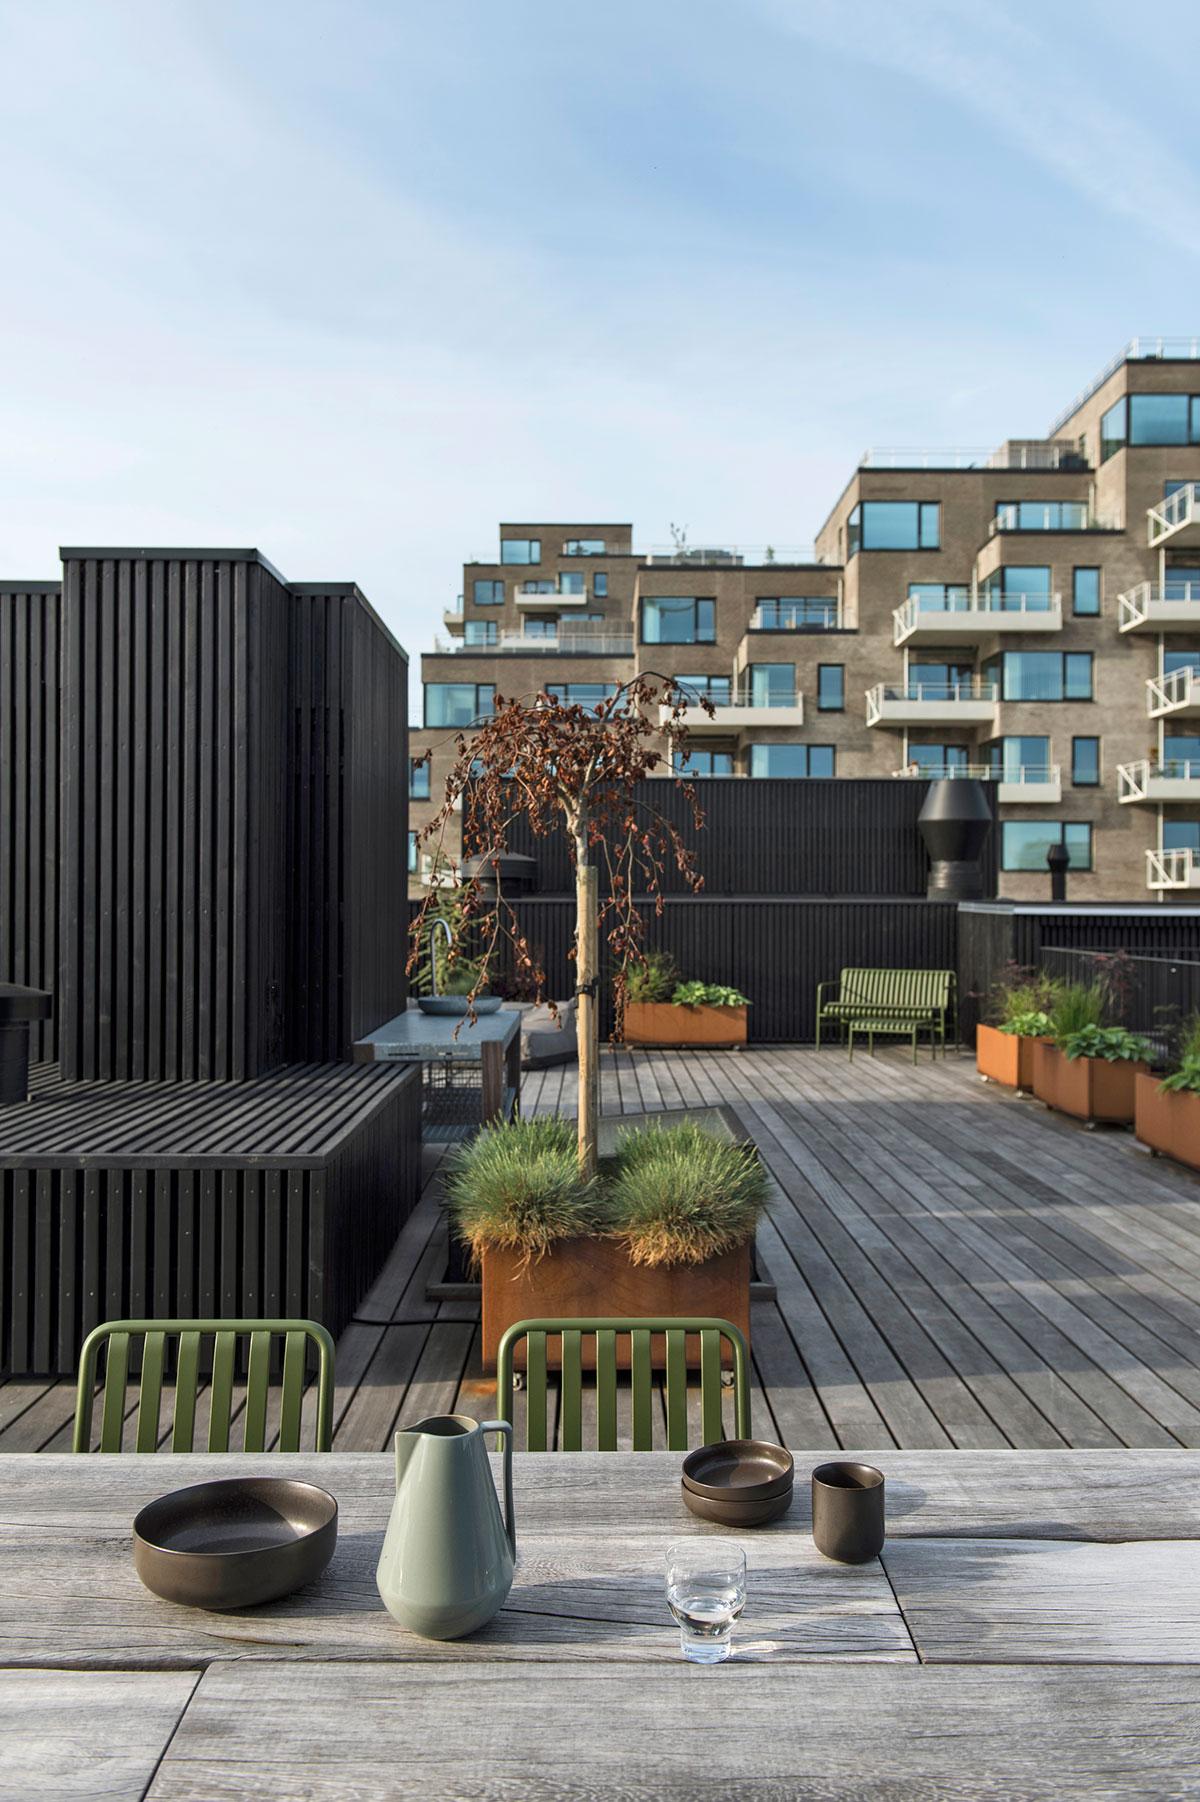 Впечатляющий пентхаус для молодой семьи с огромной террасой в модном районе Копенгагена